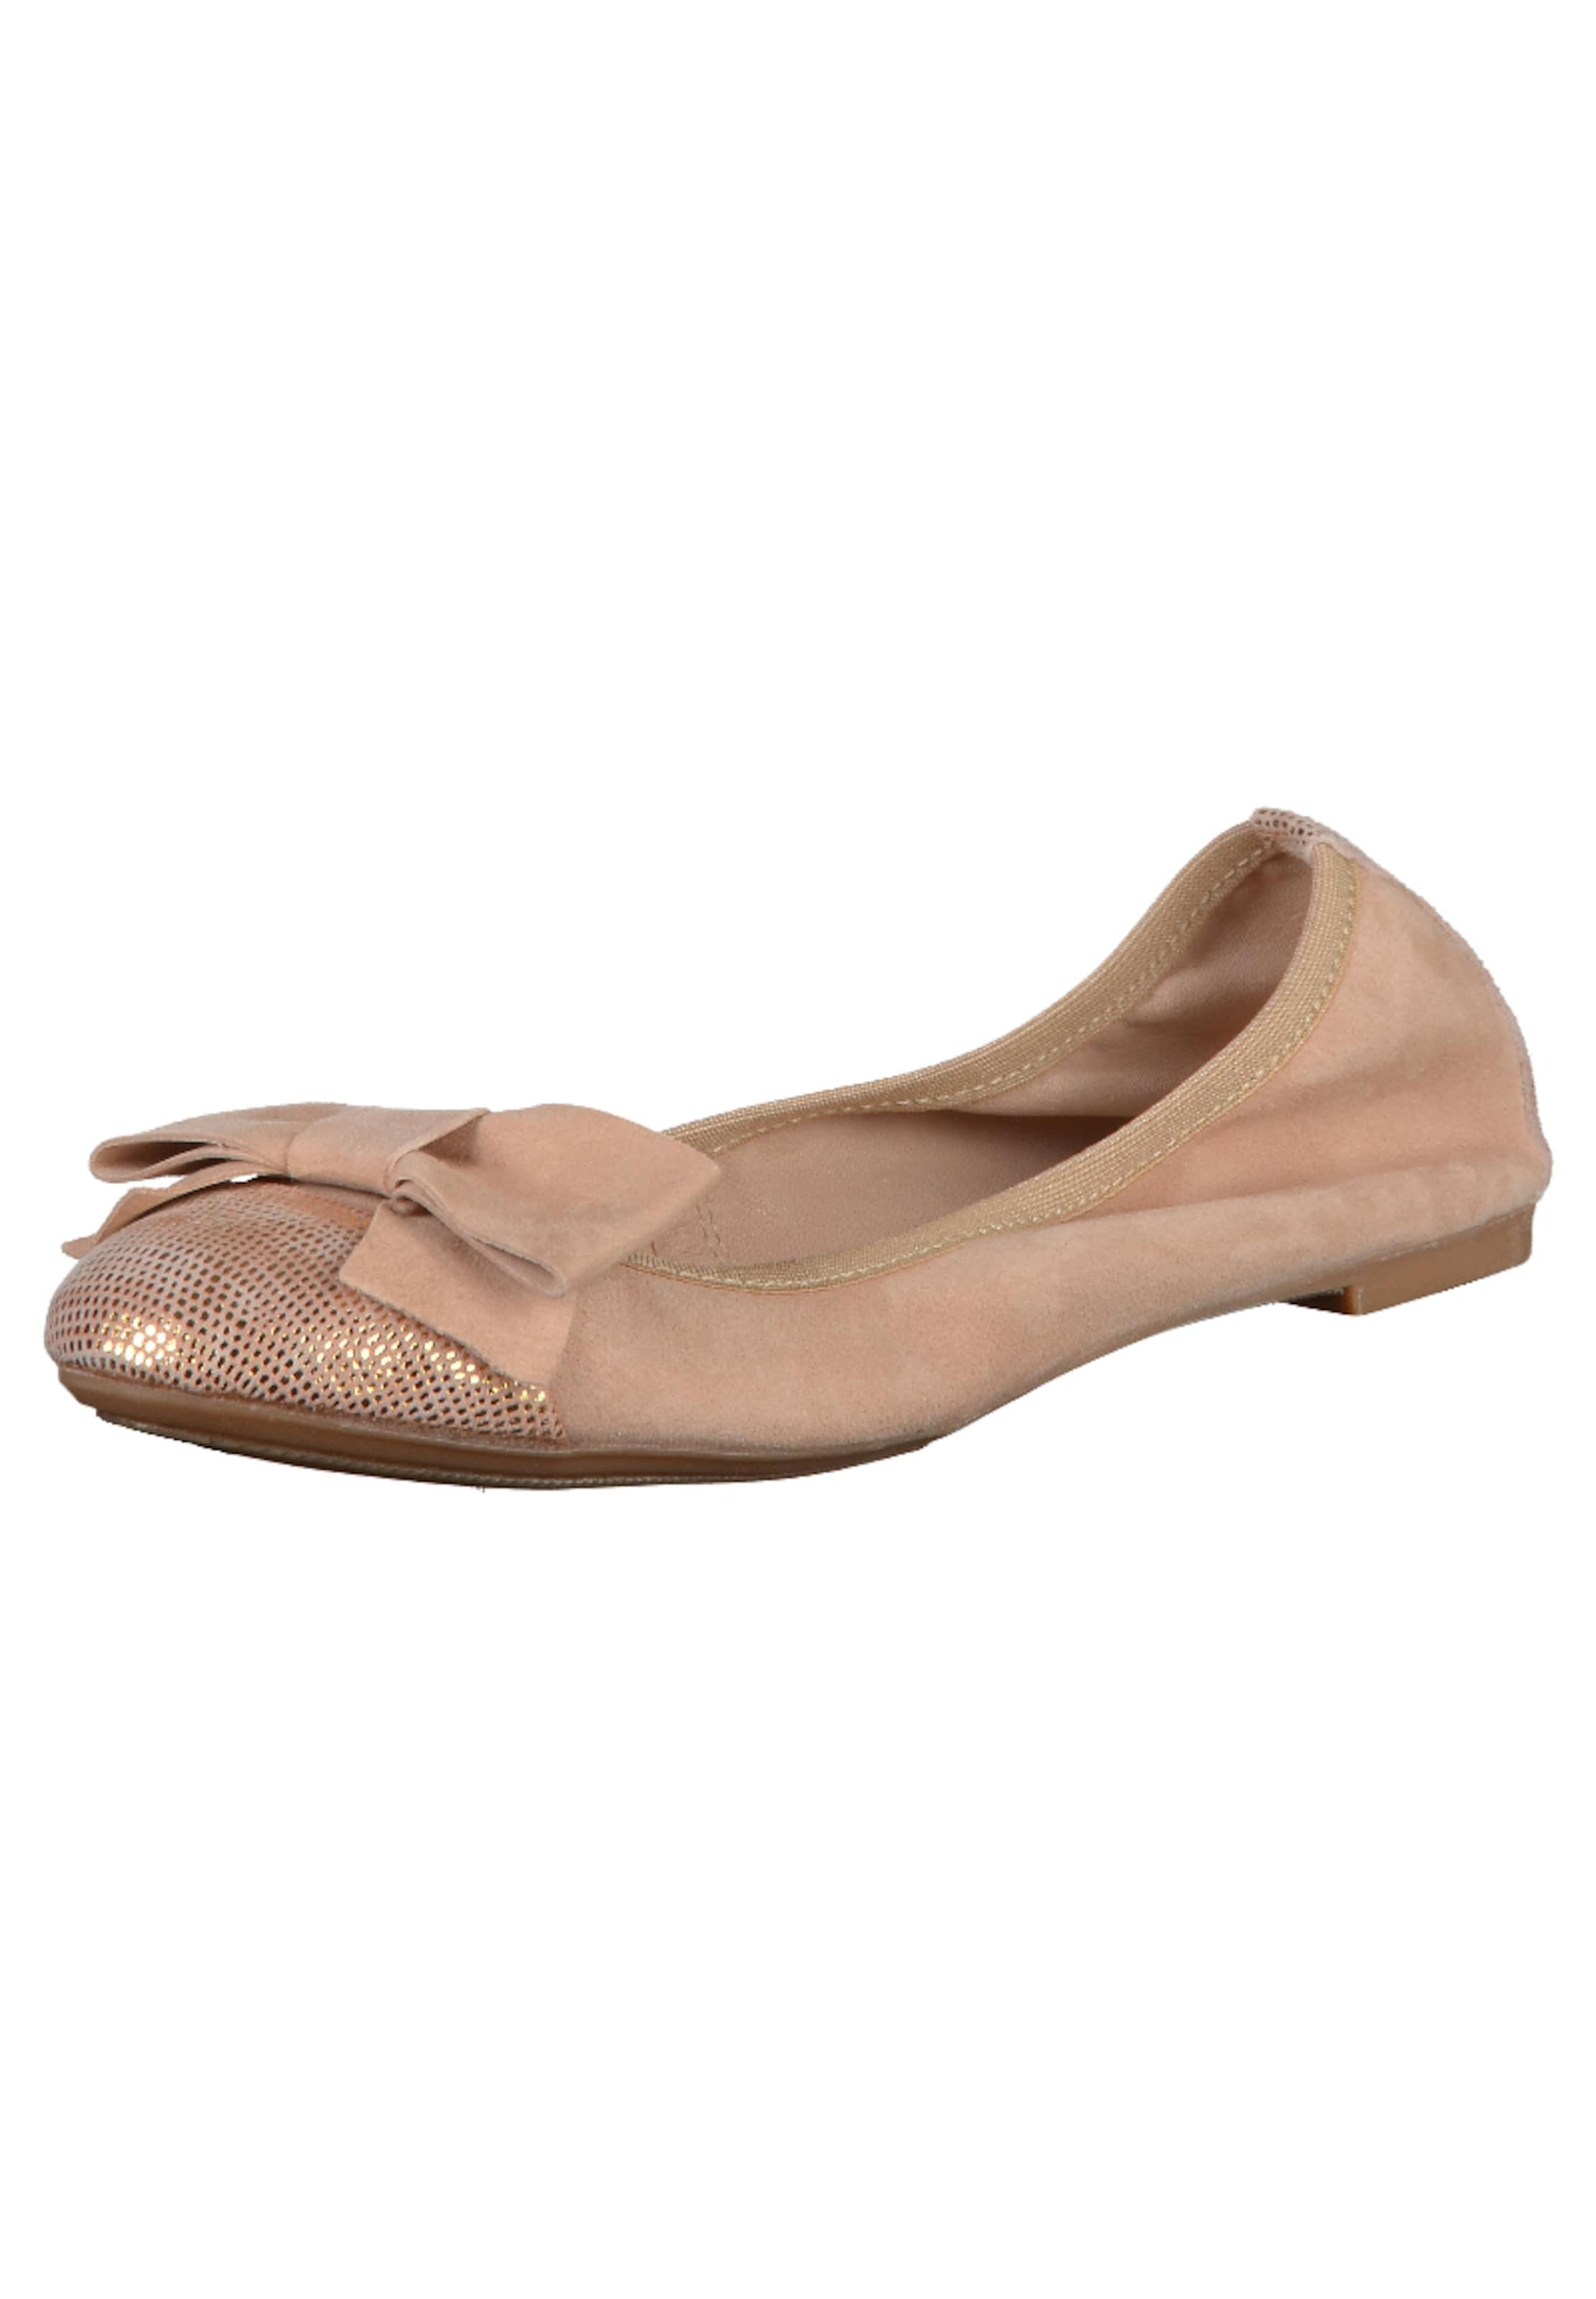 TAMARIS Ballerinasle Günstige und langlebige Schuhe